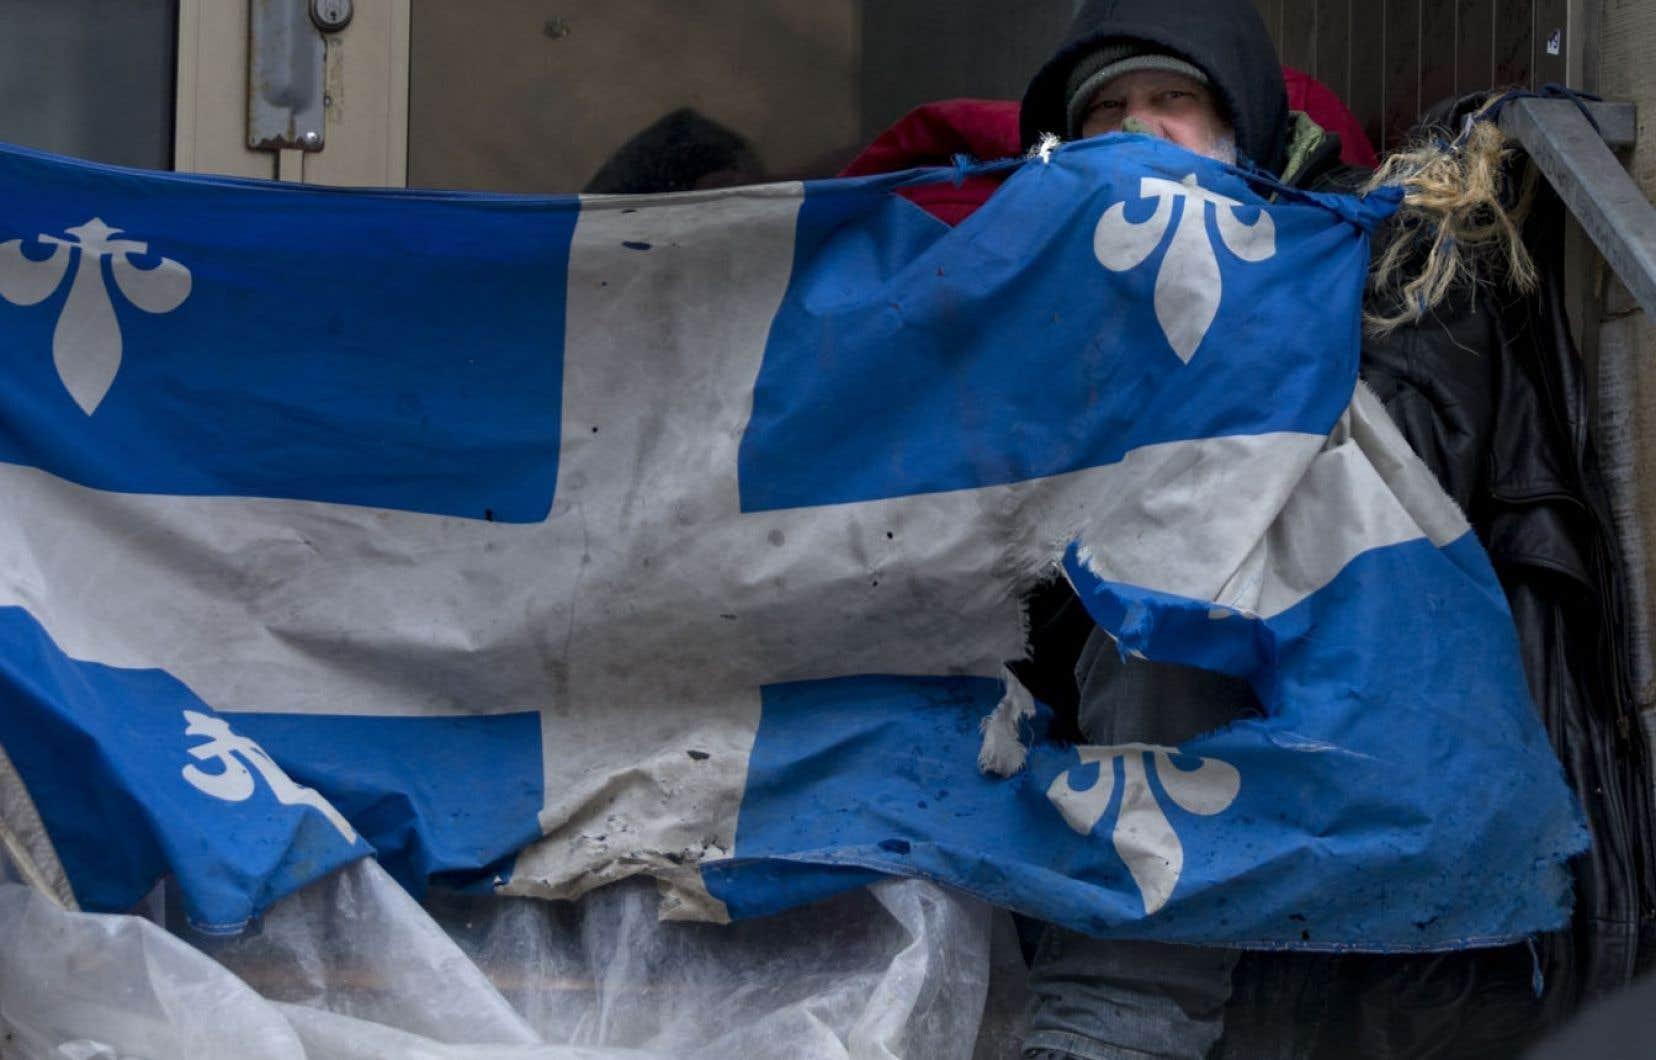 L'auteur d'une vidéo montrant un policier interpeller un itinérant sur le trottoir par une journée glaciale lance un appel aux autorités pour que les marginaux se fassent soigner plutôt que d'aboutir dans les mailles du système judiciaire. Ci-dessus: un sans-abri se réchauffant comme il peut dans une rue de Montréal lundi.